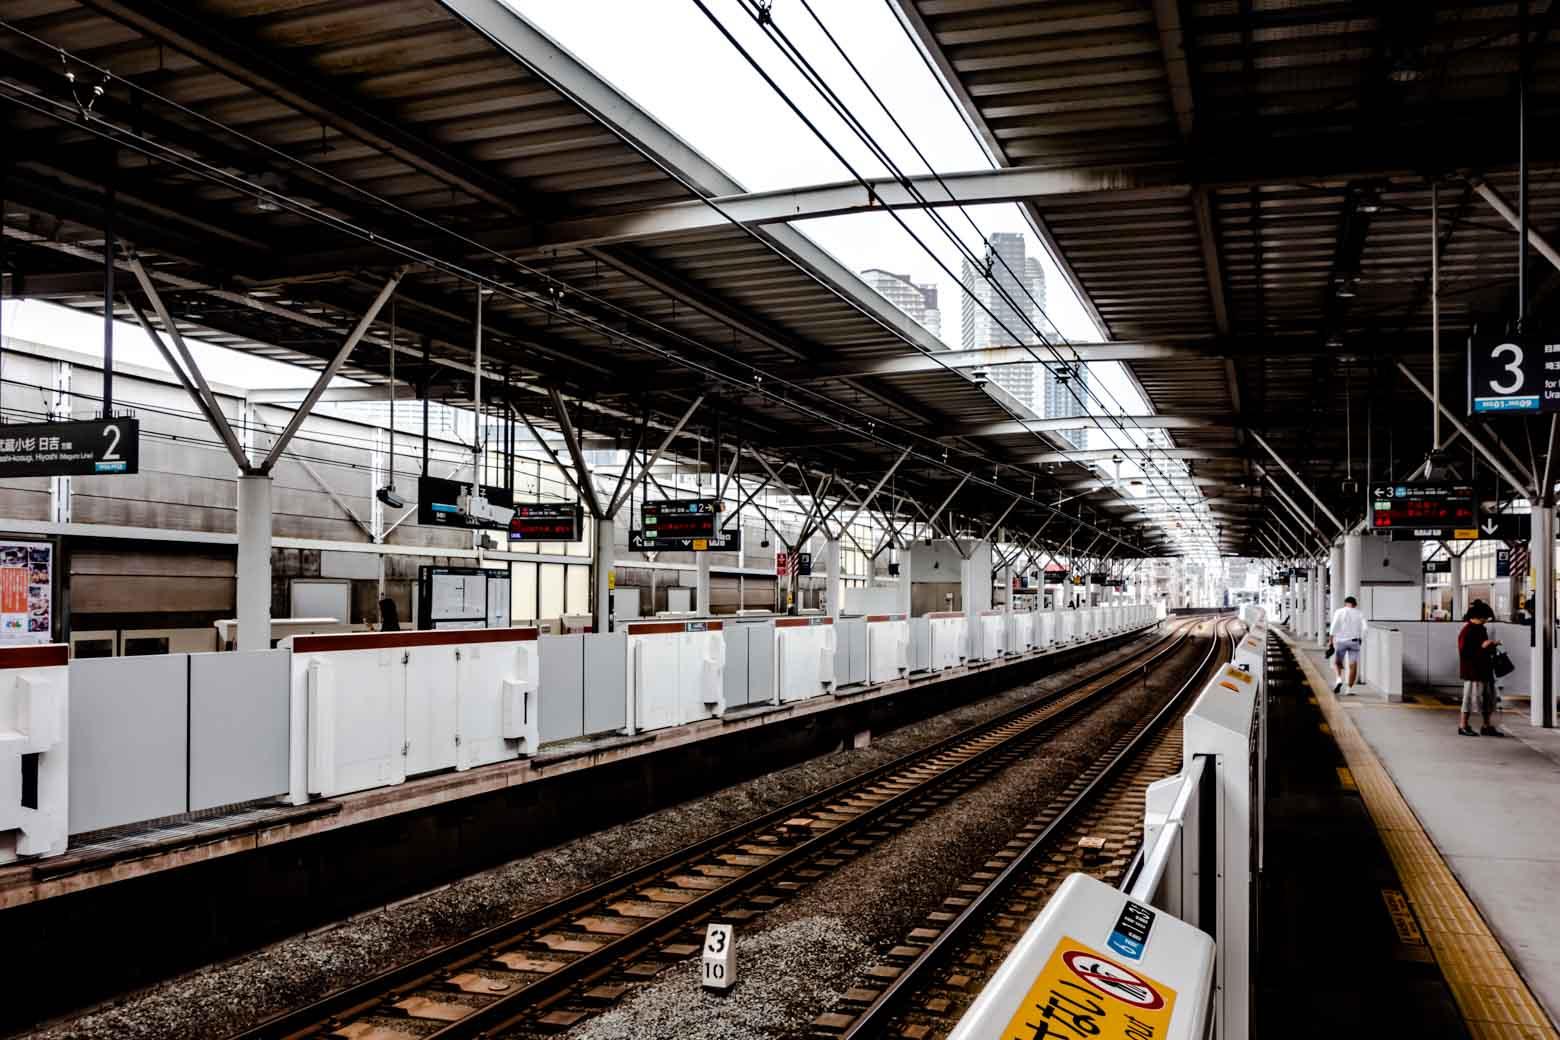 駅は大きくもなく小さくもないという感じ。毎日使うことを考えると、これぐらいの規模感が個人的には好みです。